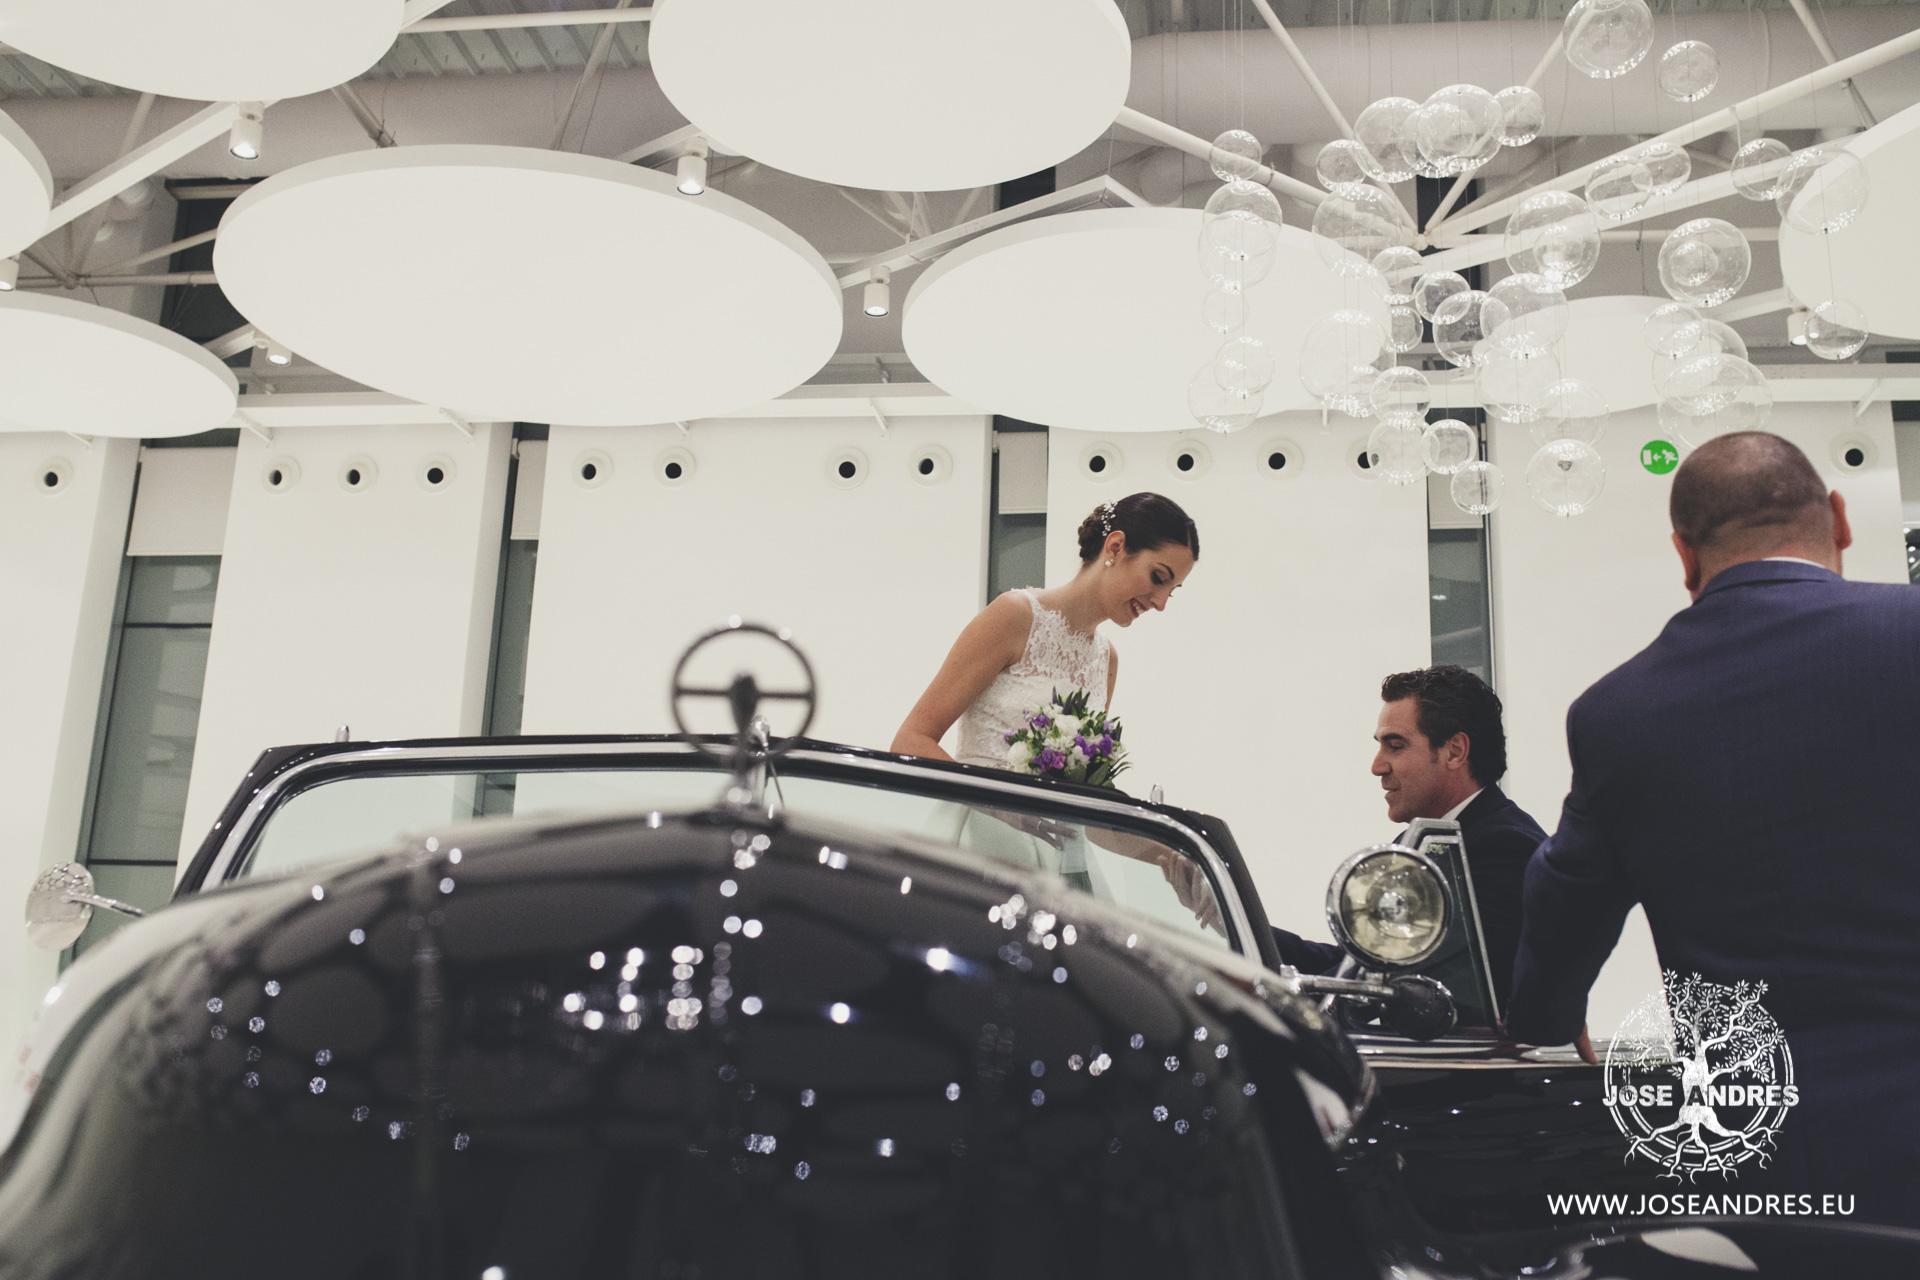 Llegada de la novia a la boda en coche de epoca vestido de pronovias, boda en Myrtus Valencia